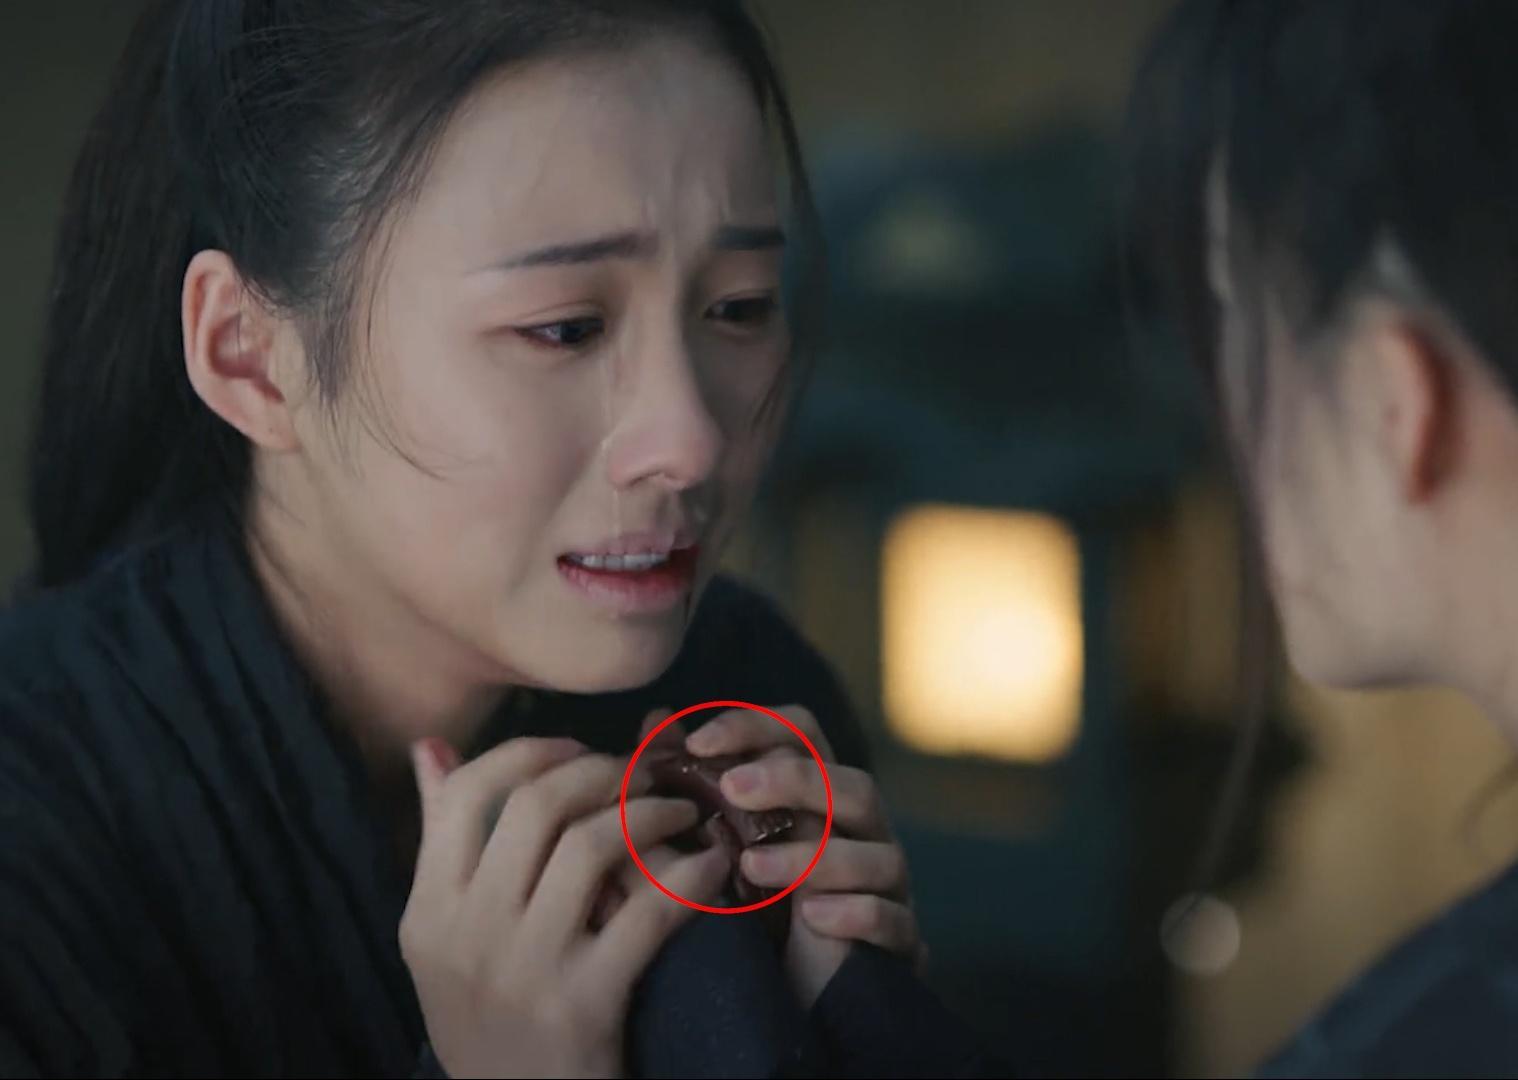 Phim cổ trang Trung Quốc bị chê giả khi dùng thuốc bắc thay cho máu Ảnh 8